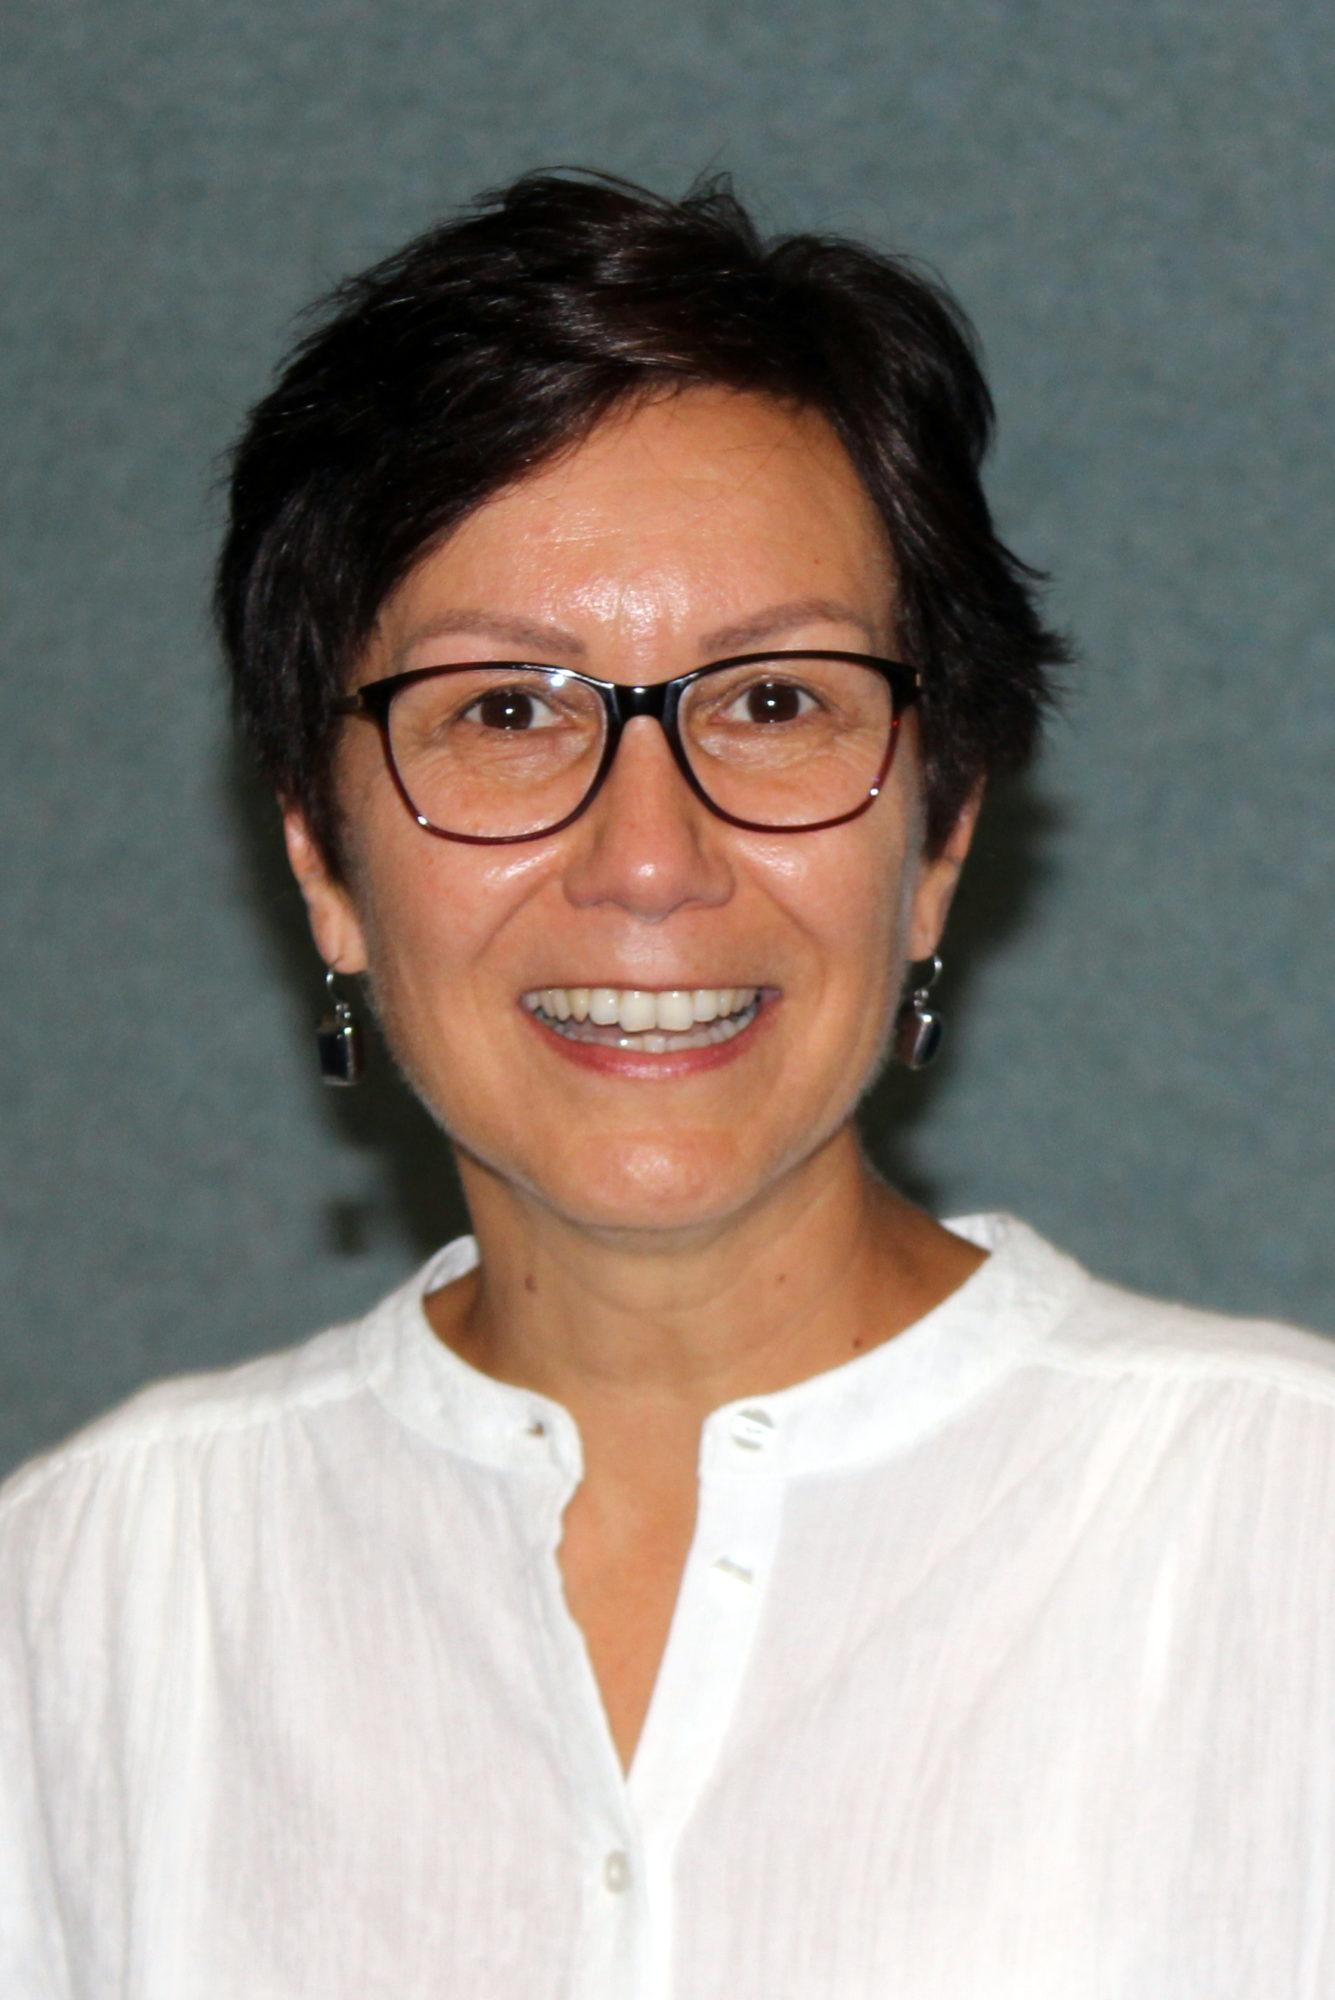 Nicole Schenk